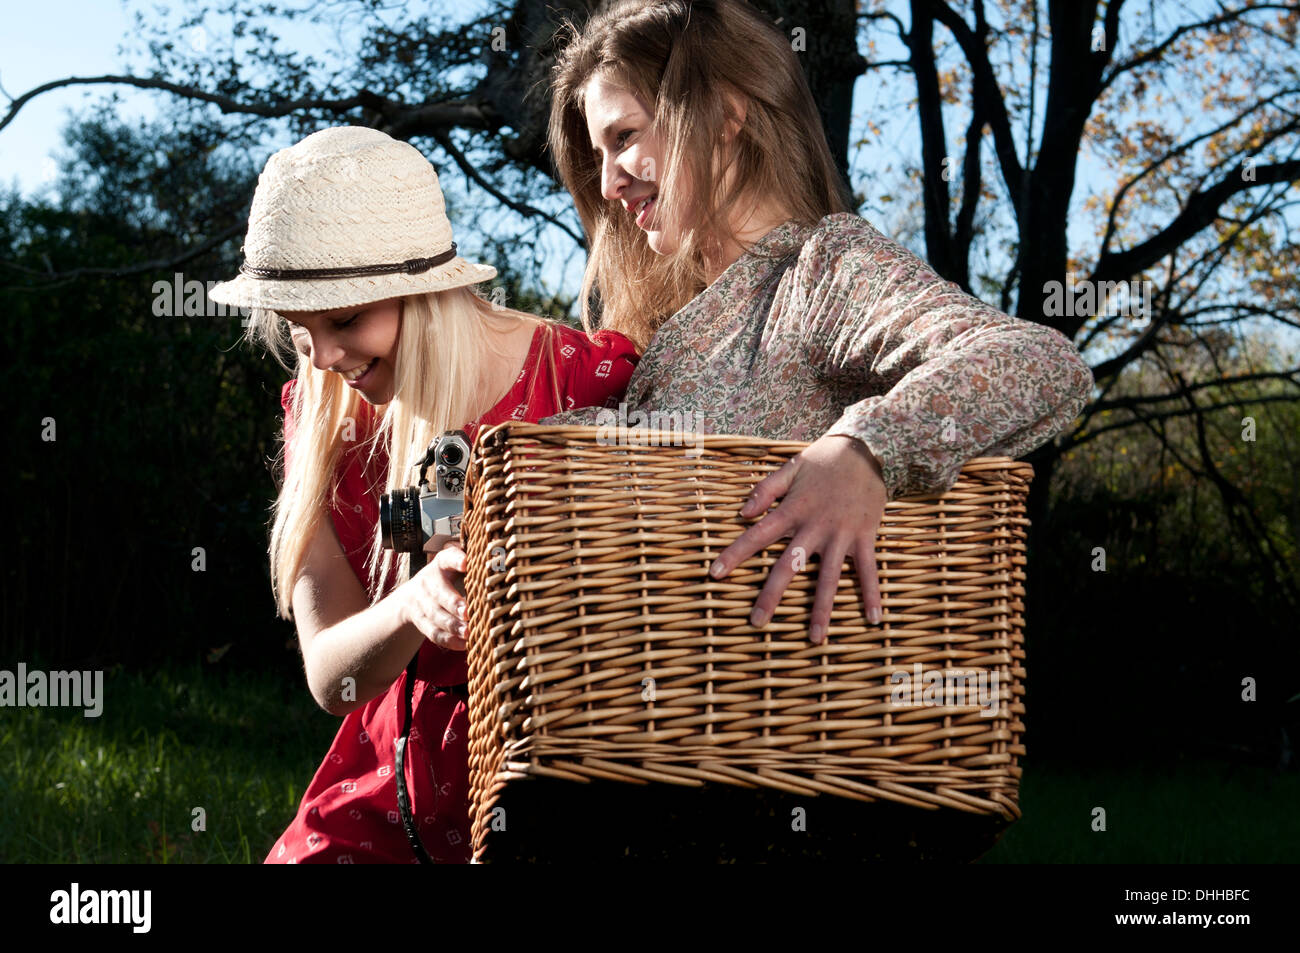 Las mujeres jóvenes llevar cesta de picnic Imagen De Stock